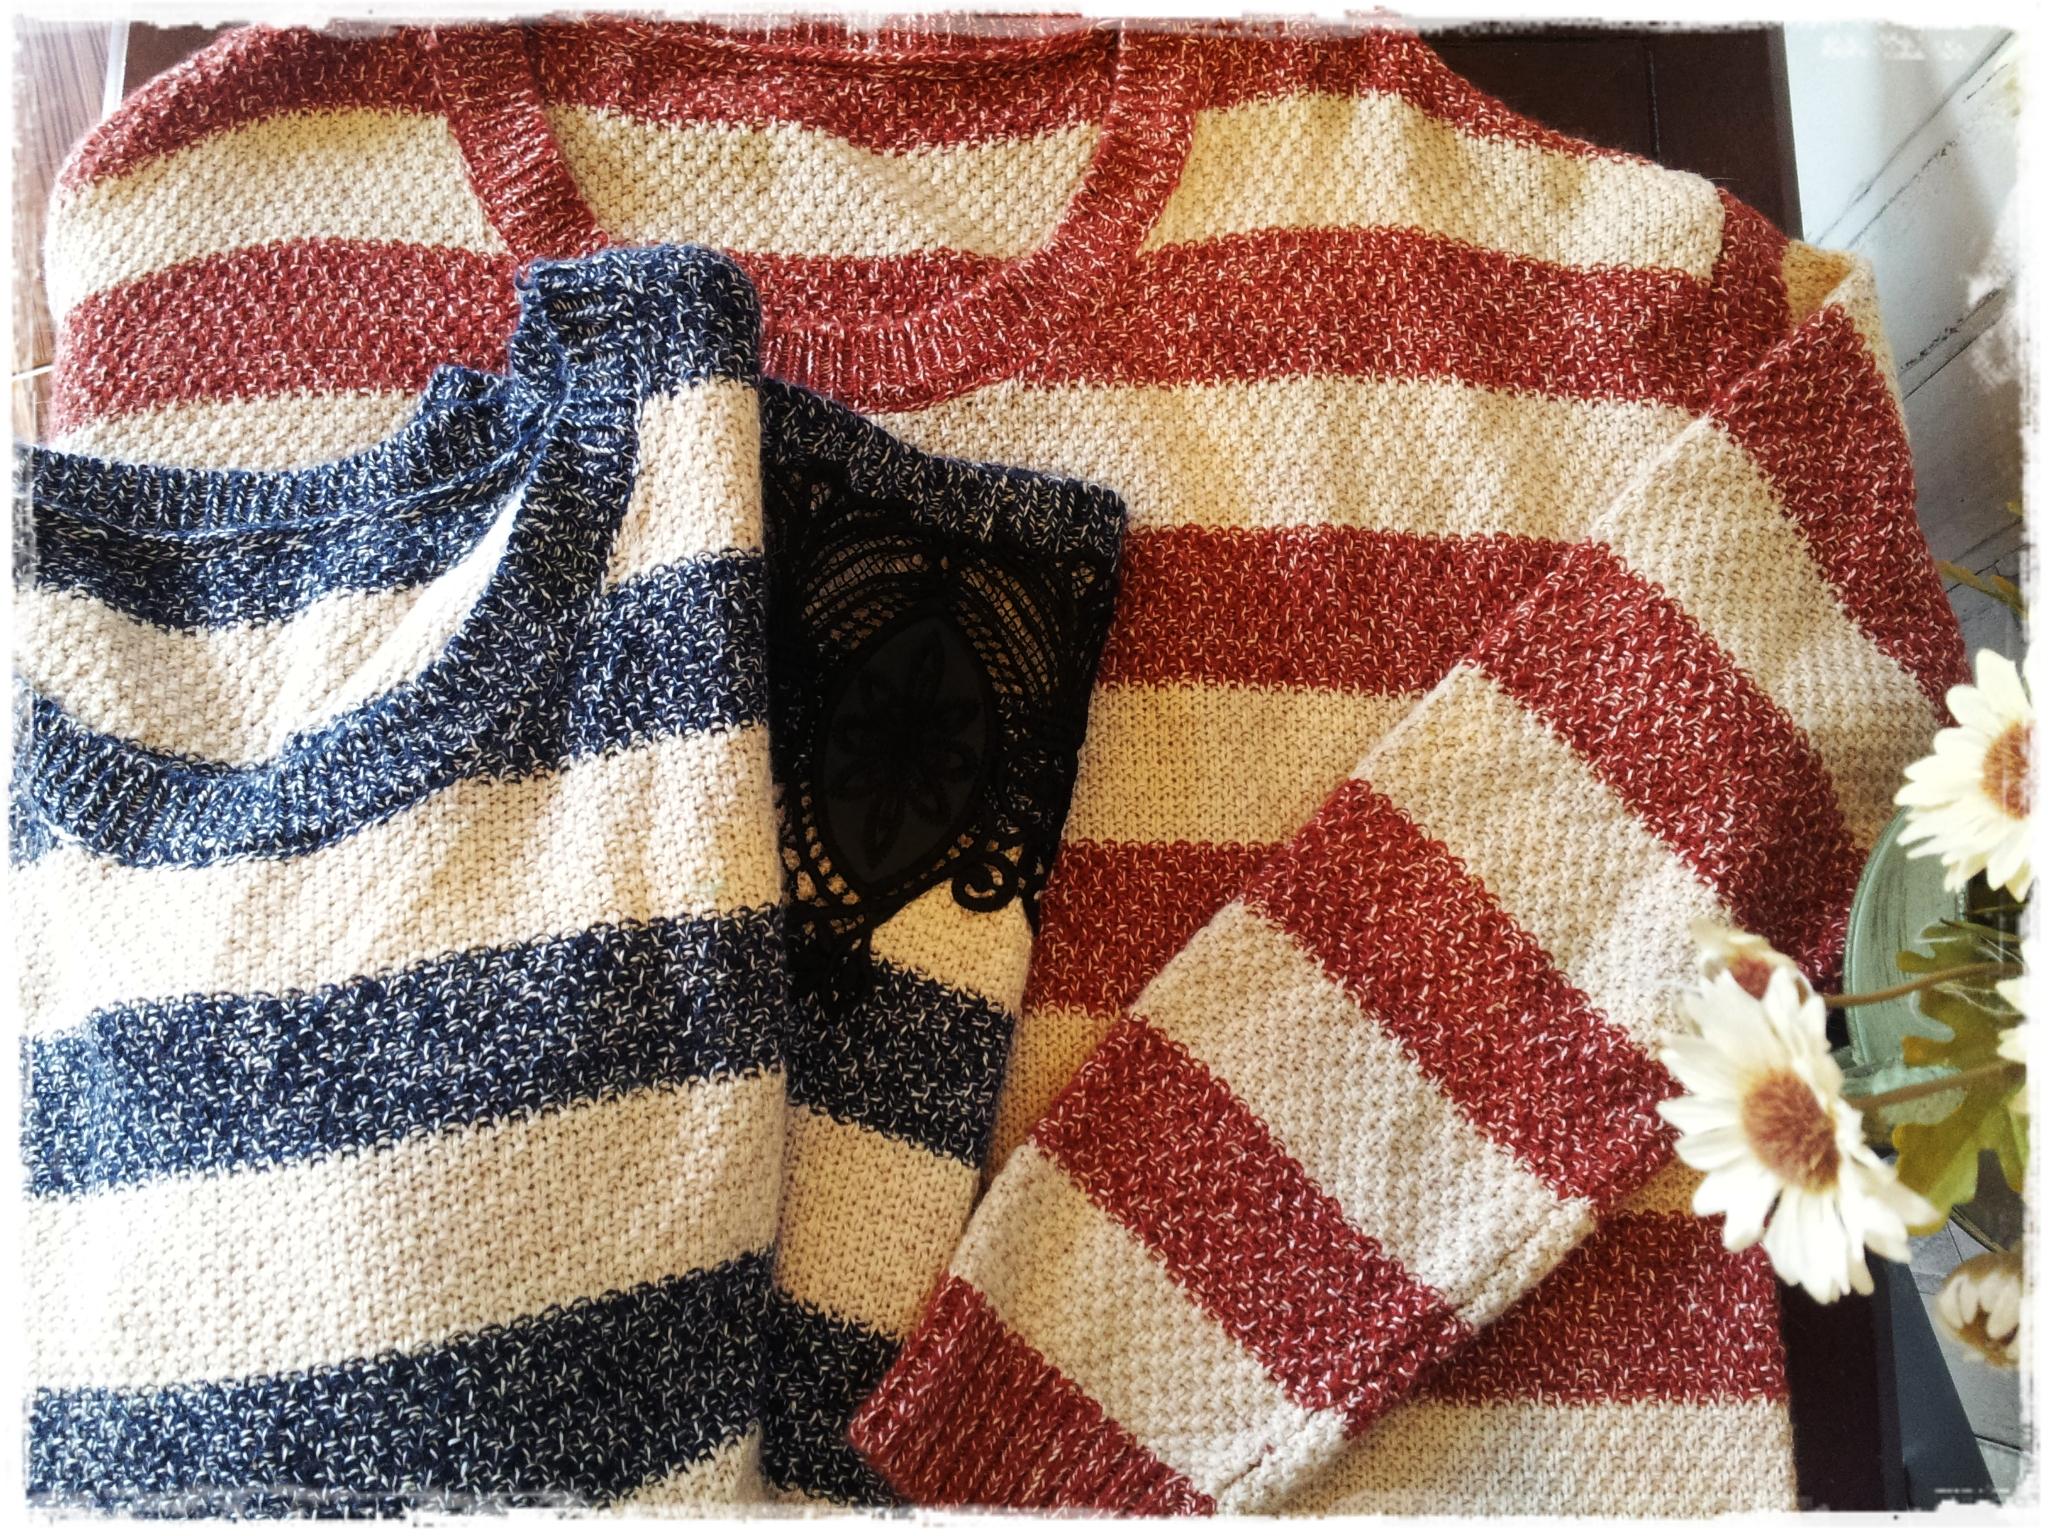 เสื้อไหมพรมกันหนาว สไตล์ญี่ปุ่น ลายริ้ว สีแดง แต่งชายลูกไม้สีดำ